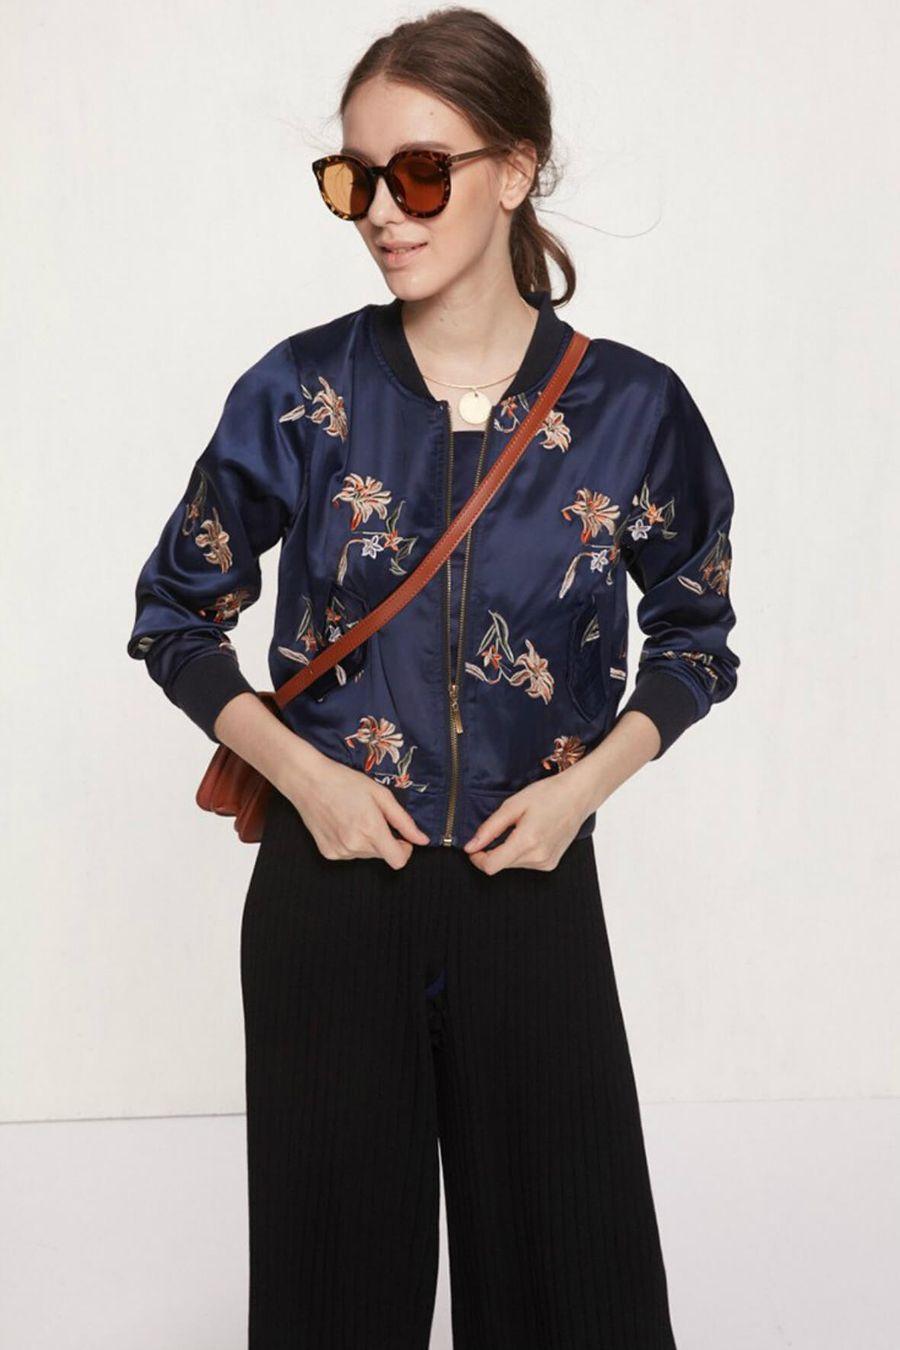 fewmoda-floral-embroidery-jacket-3